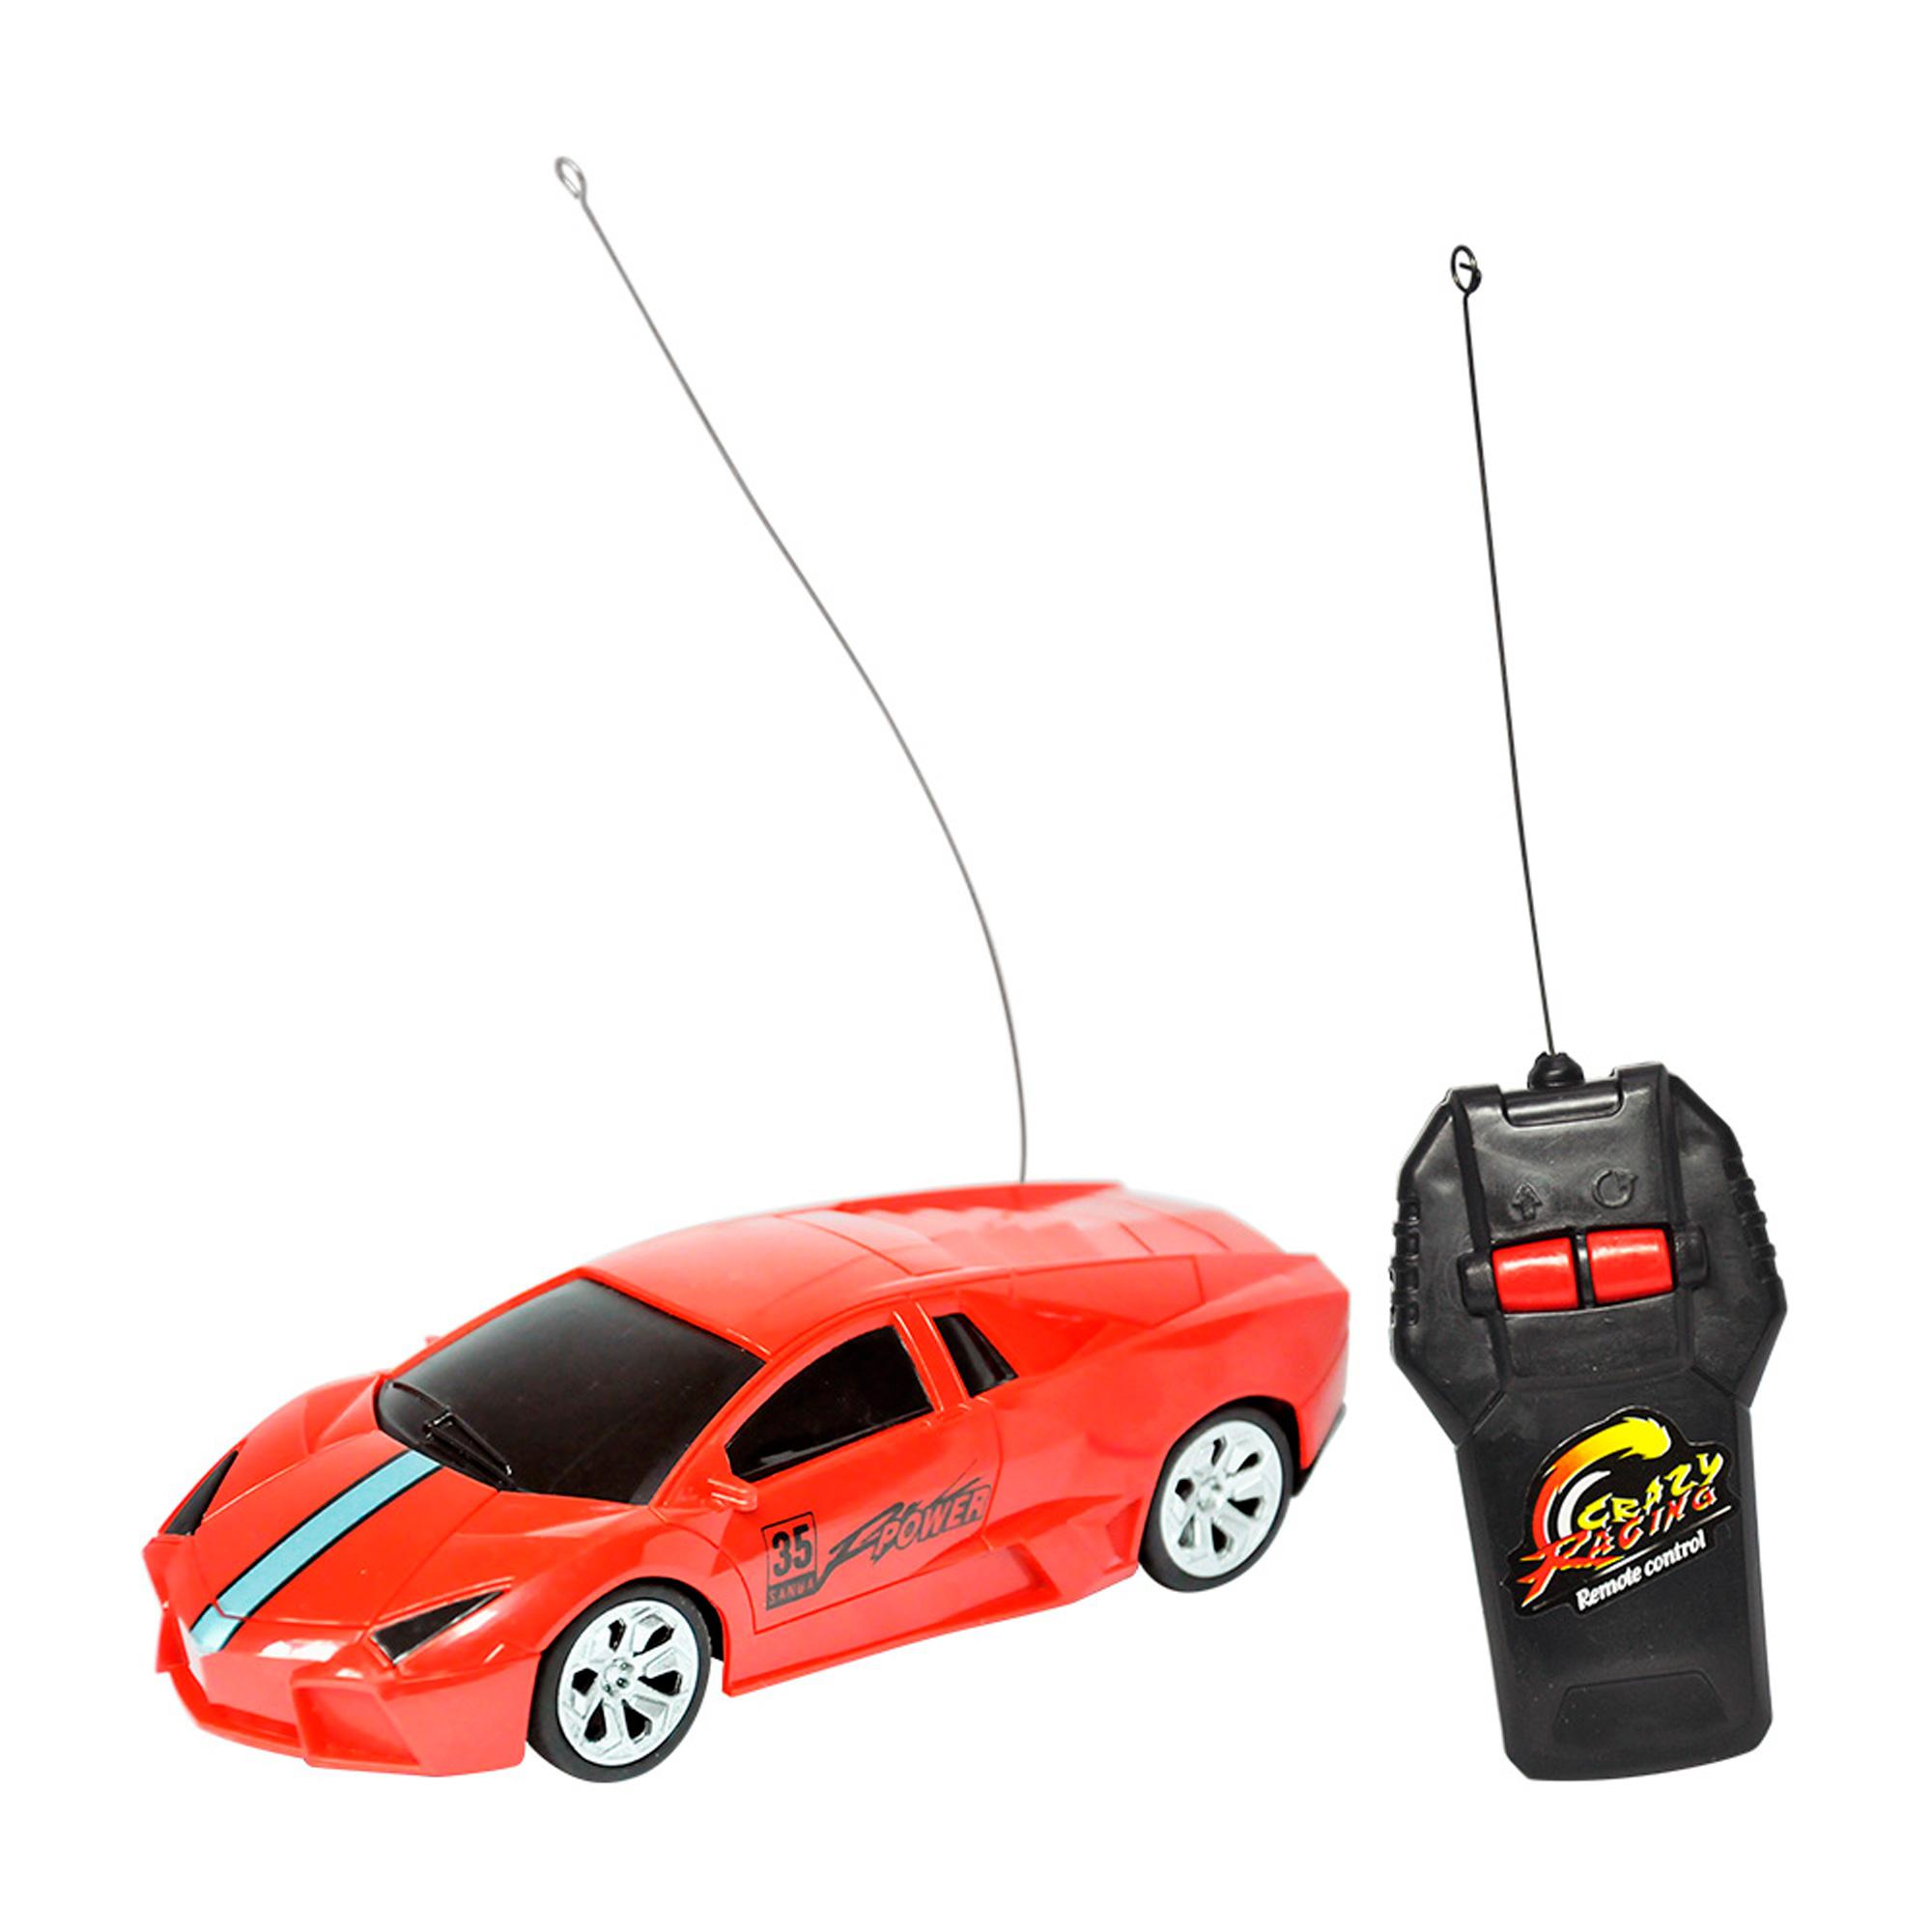 Carrinho Controle Remoto Lamborghini Esportivo Vermelho